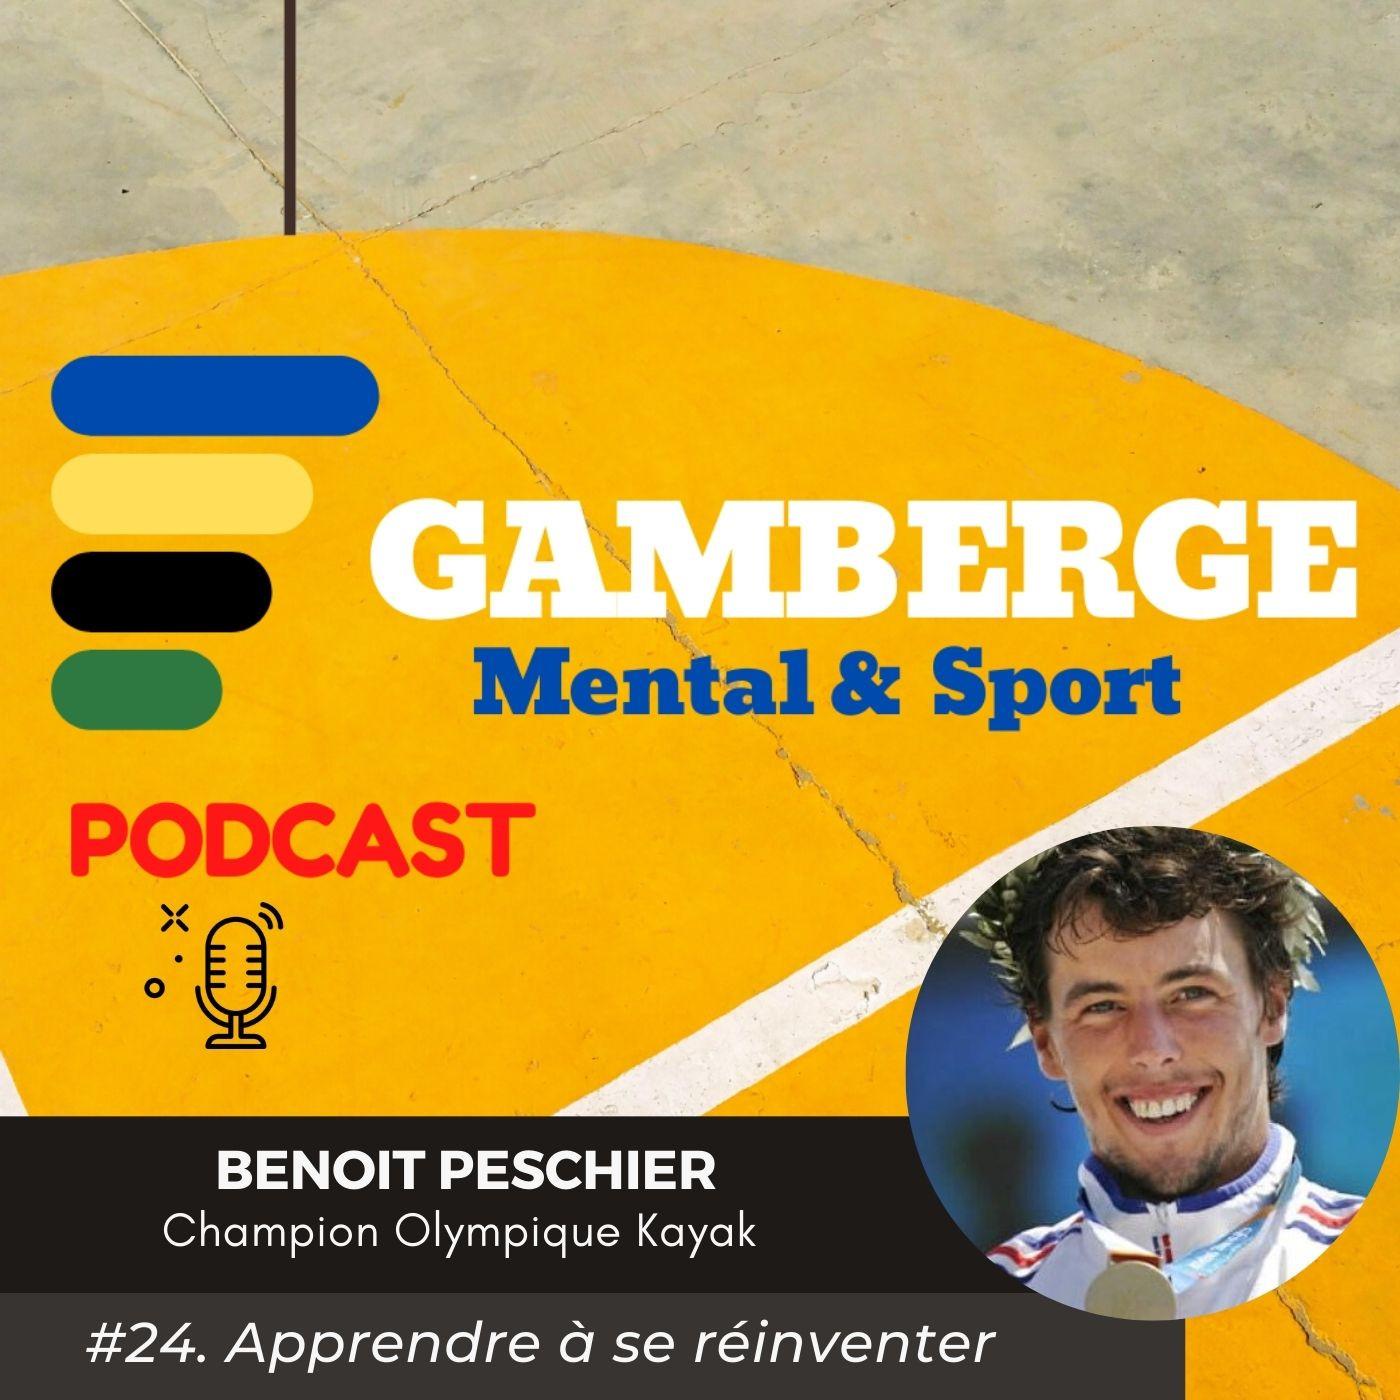 #24. Benoît Peschier: Apprendre à se réinventer